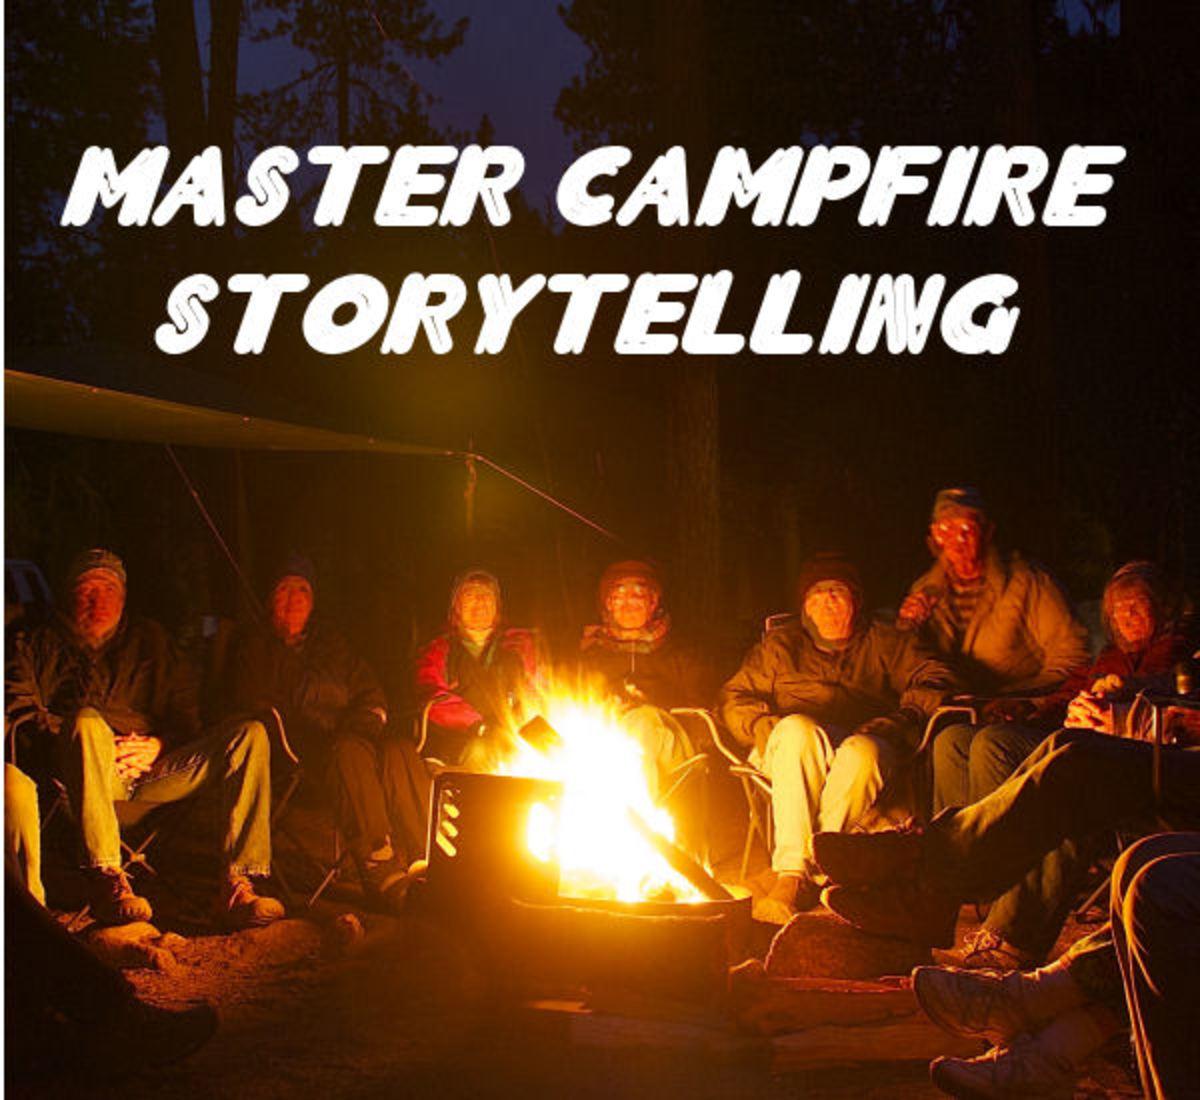 篝火讲故事的传统